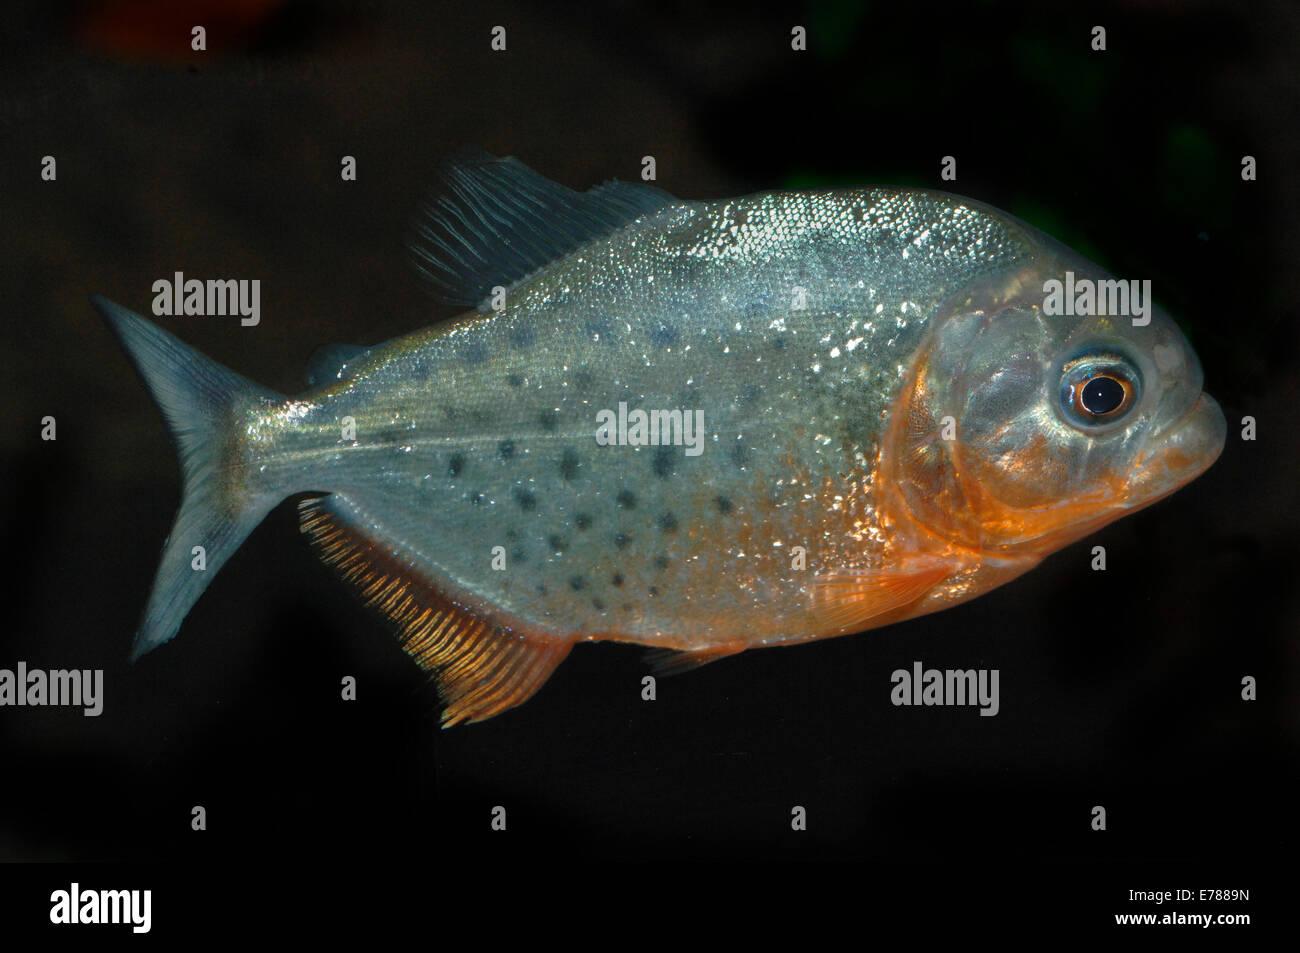 Freshwater Crustaceans Imágenes De Stock & Freshwater Crustaceans ...